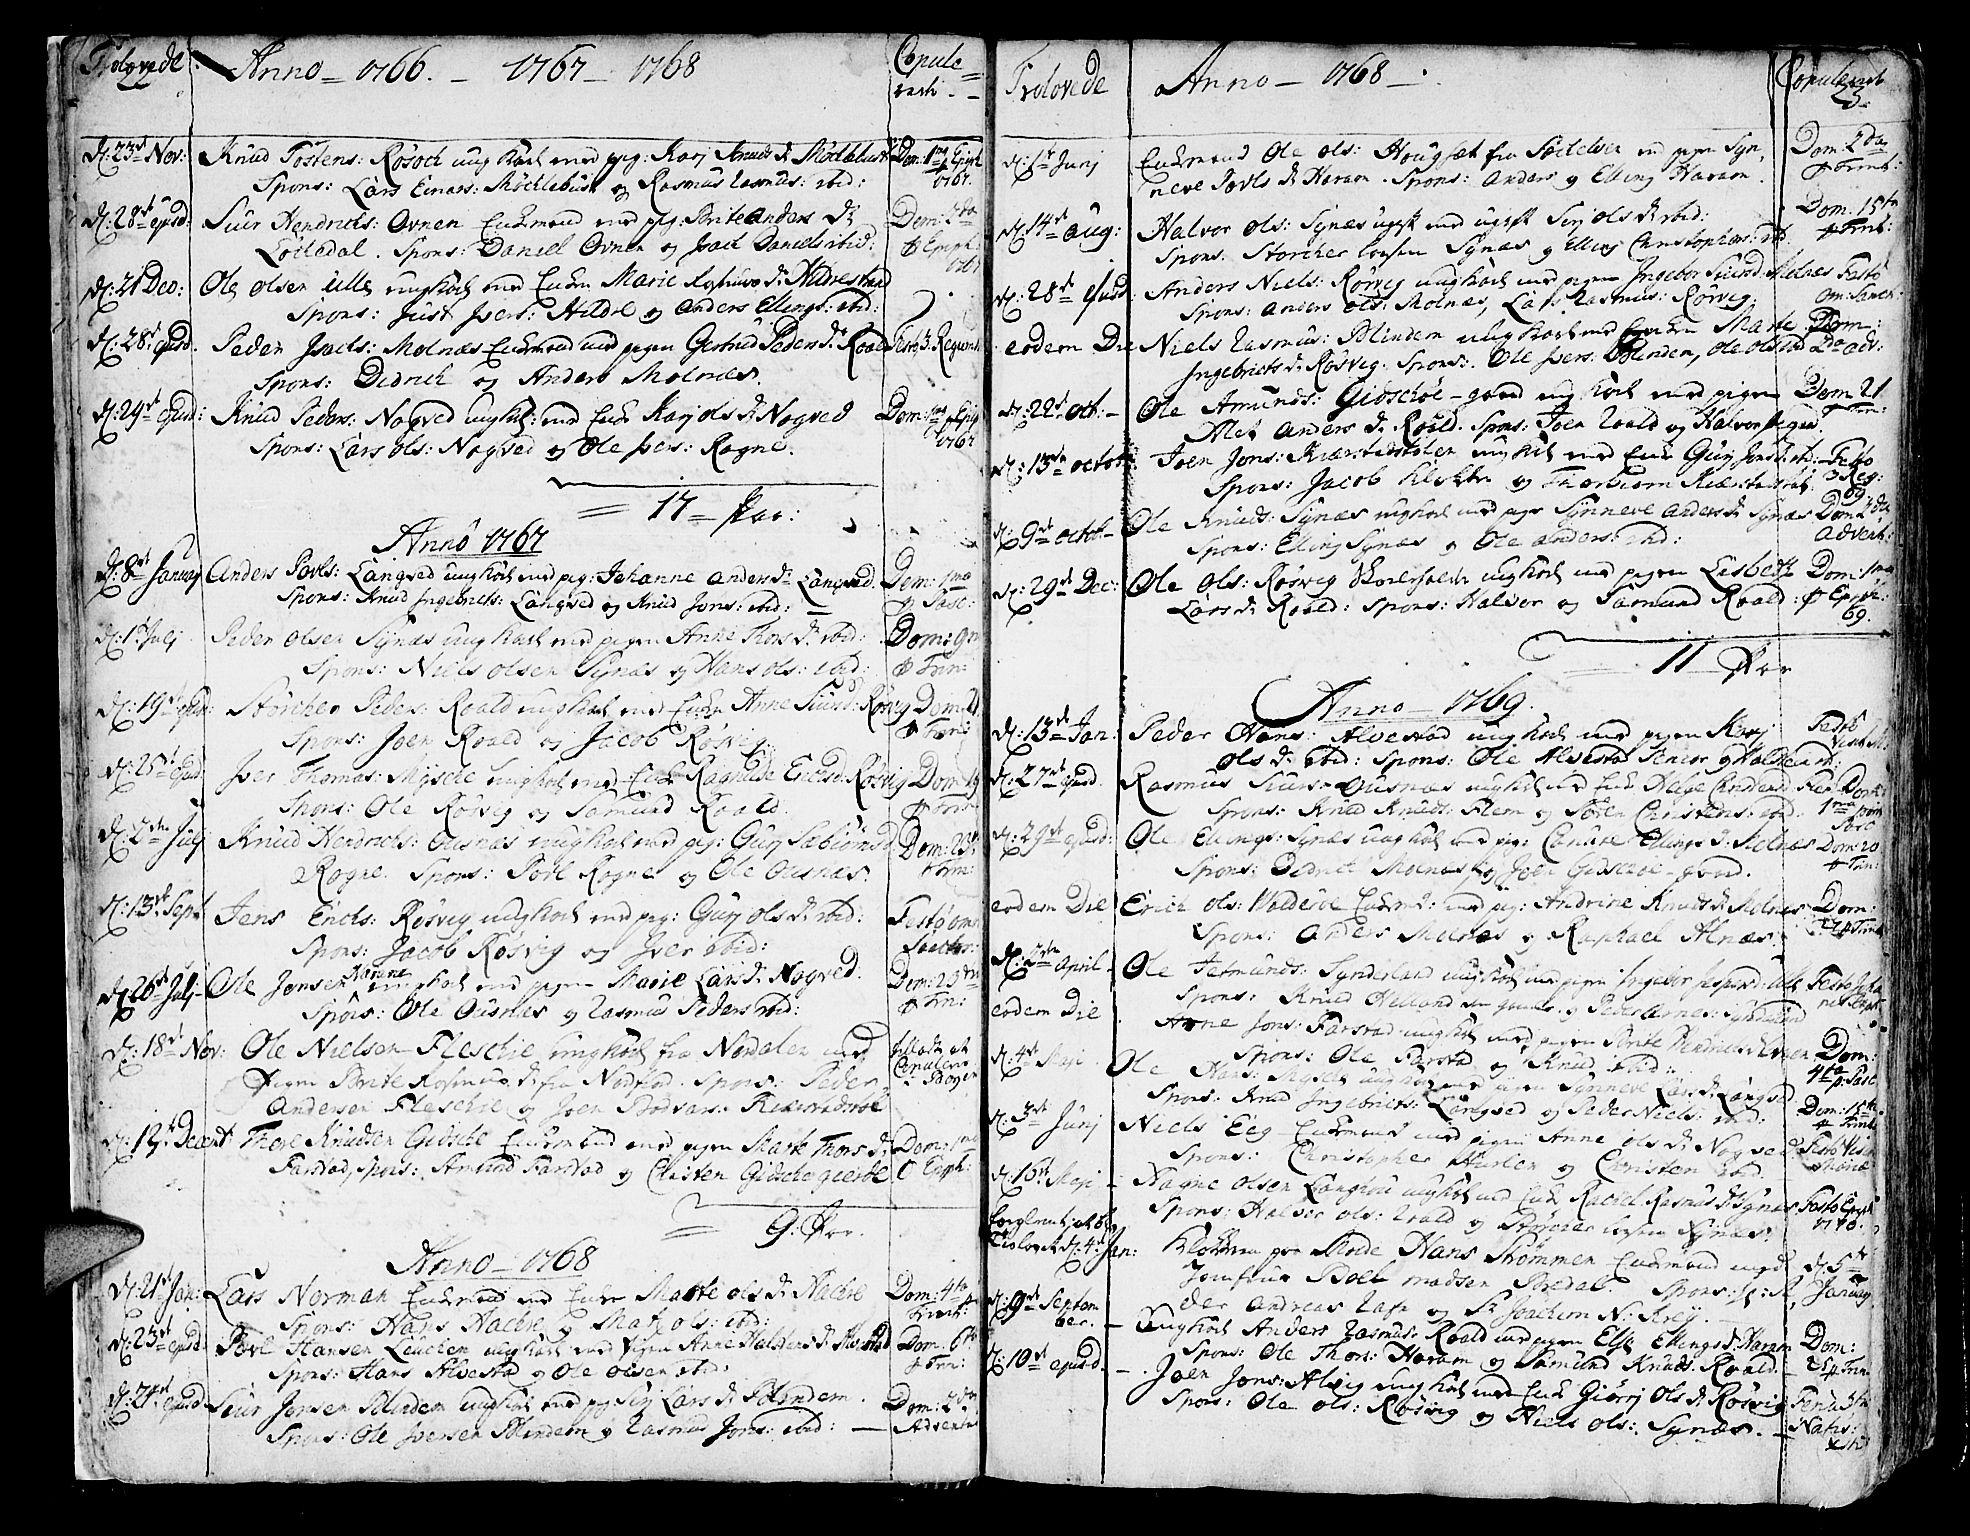 SAT, Ministerialprotokoller, klokkerbøker og fødselsregistre - Møre og Romsdal, 536/L0493: Ministerialbok nr. 536A02, 1739-1802, s. 22-23